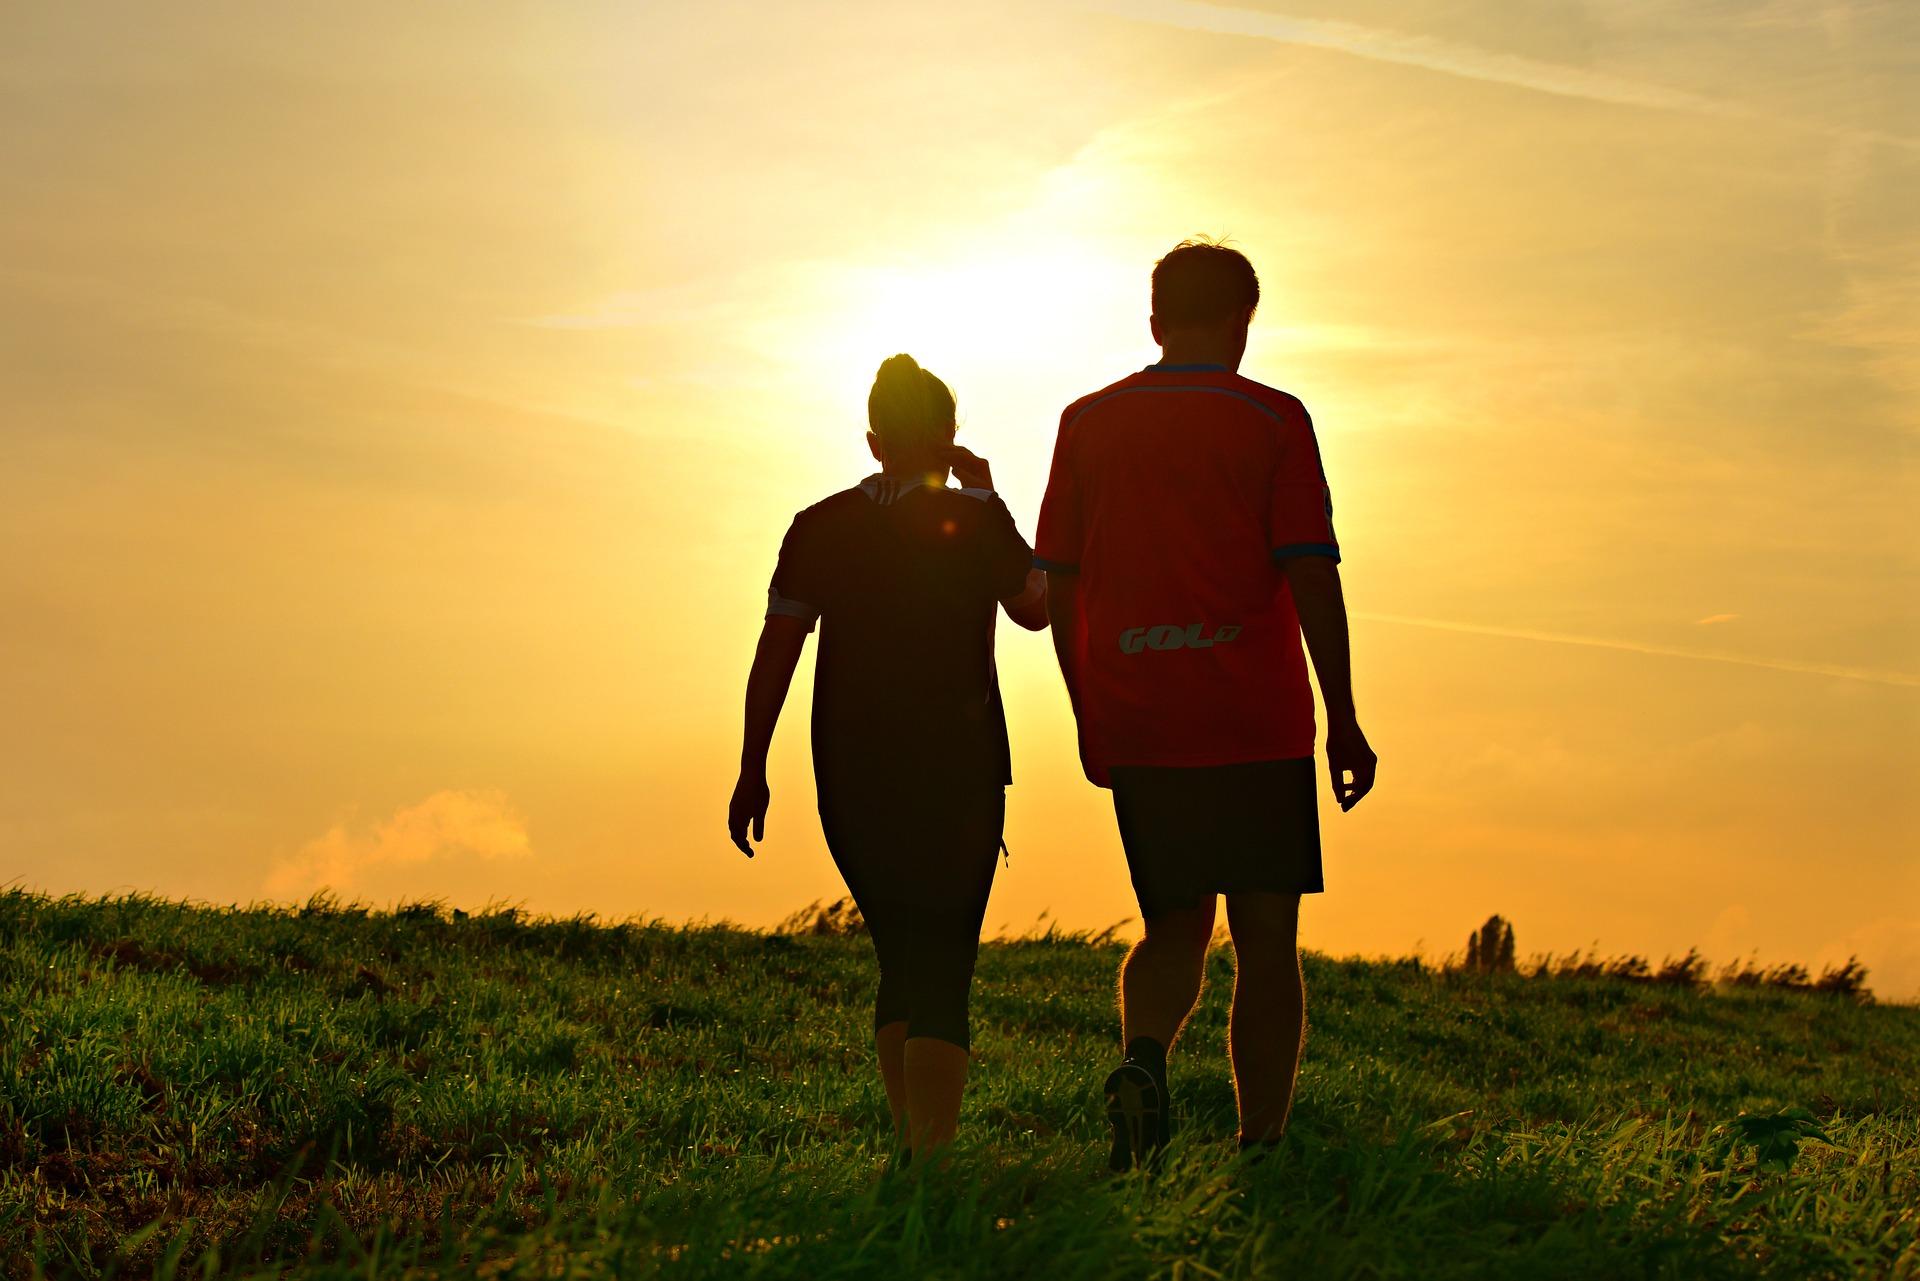 Σωματική άσκηση & ψυχική υγεία: Τα είδη και η διάρκεια που ωφελούν περισσότερο τη διάθεση